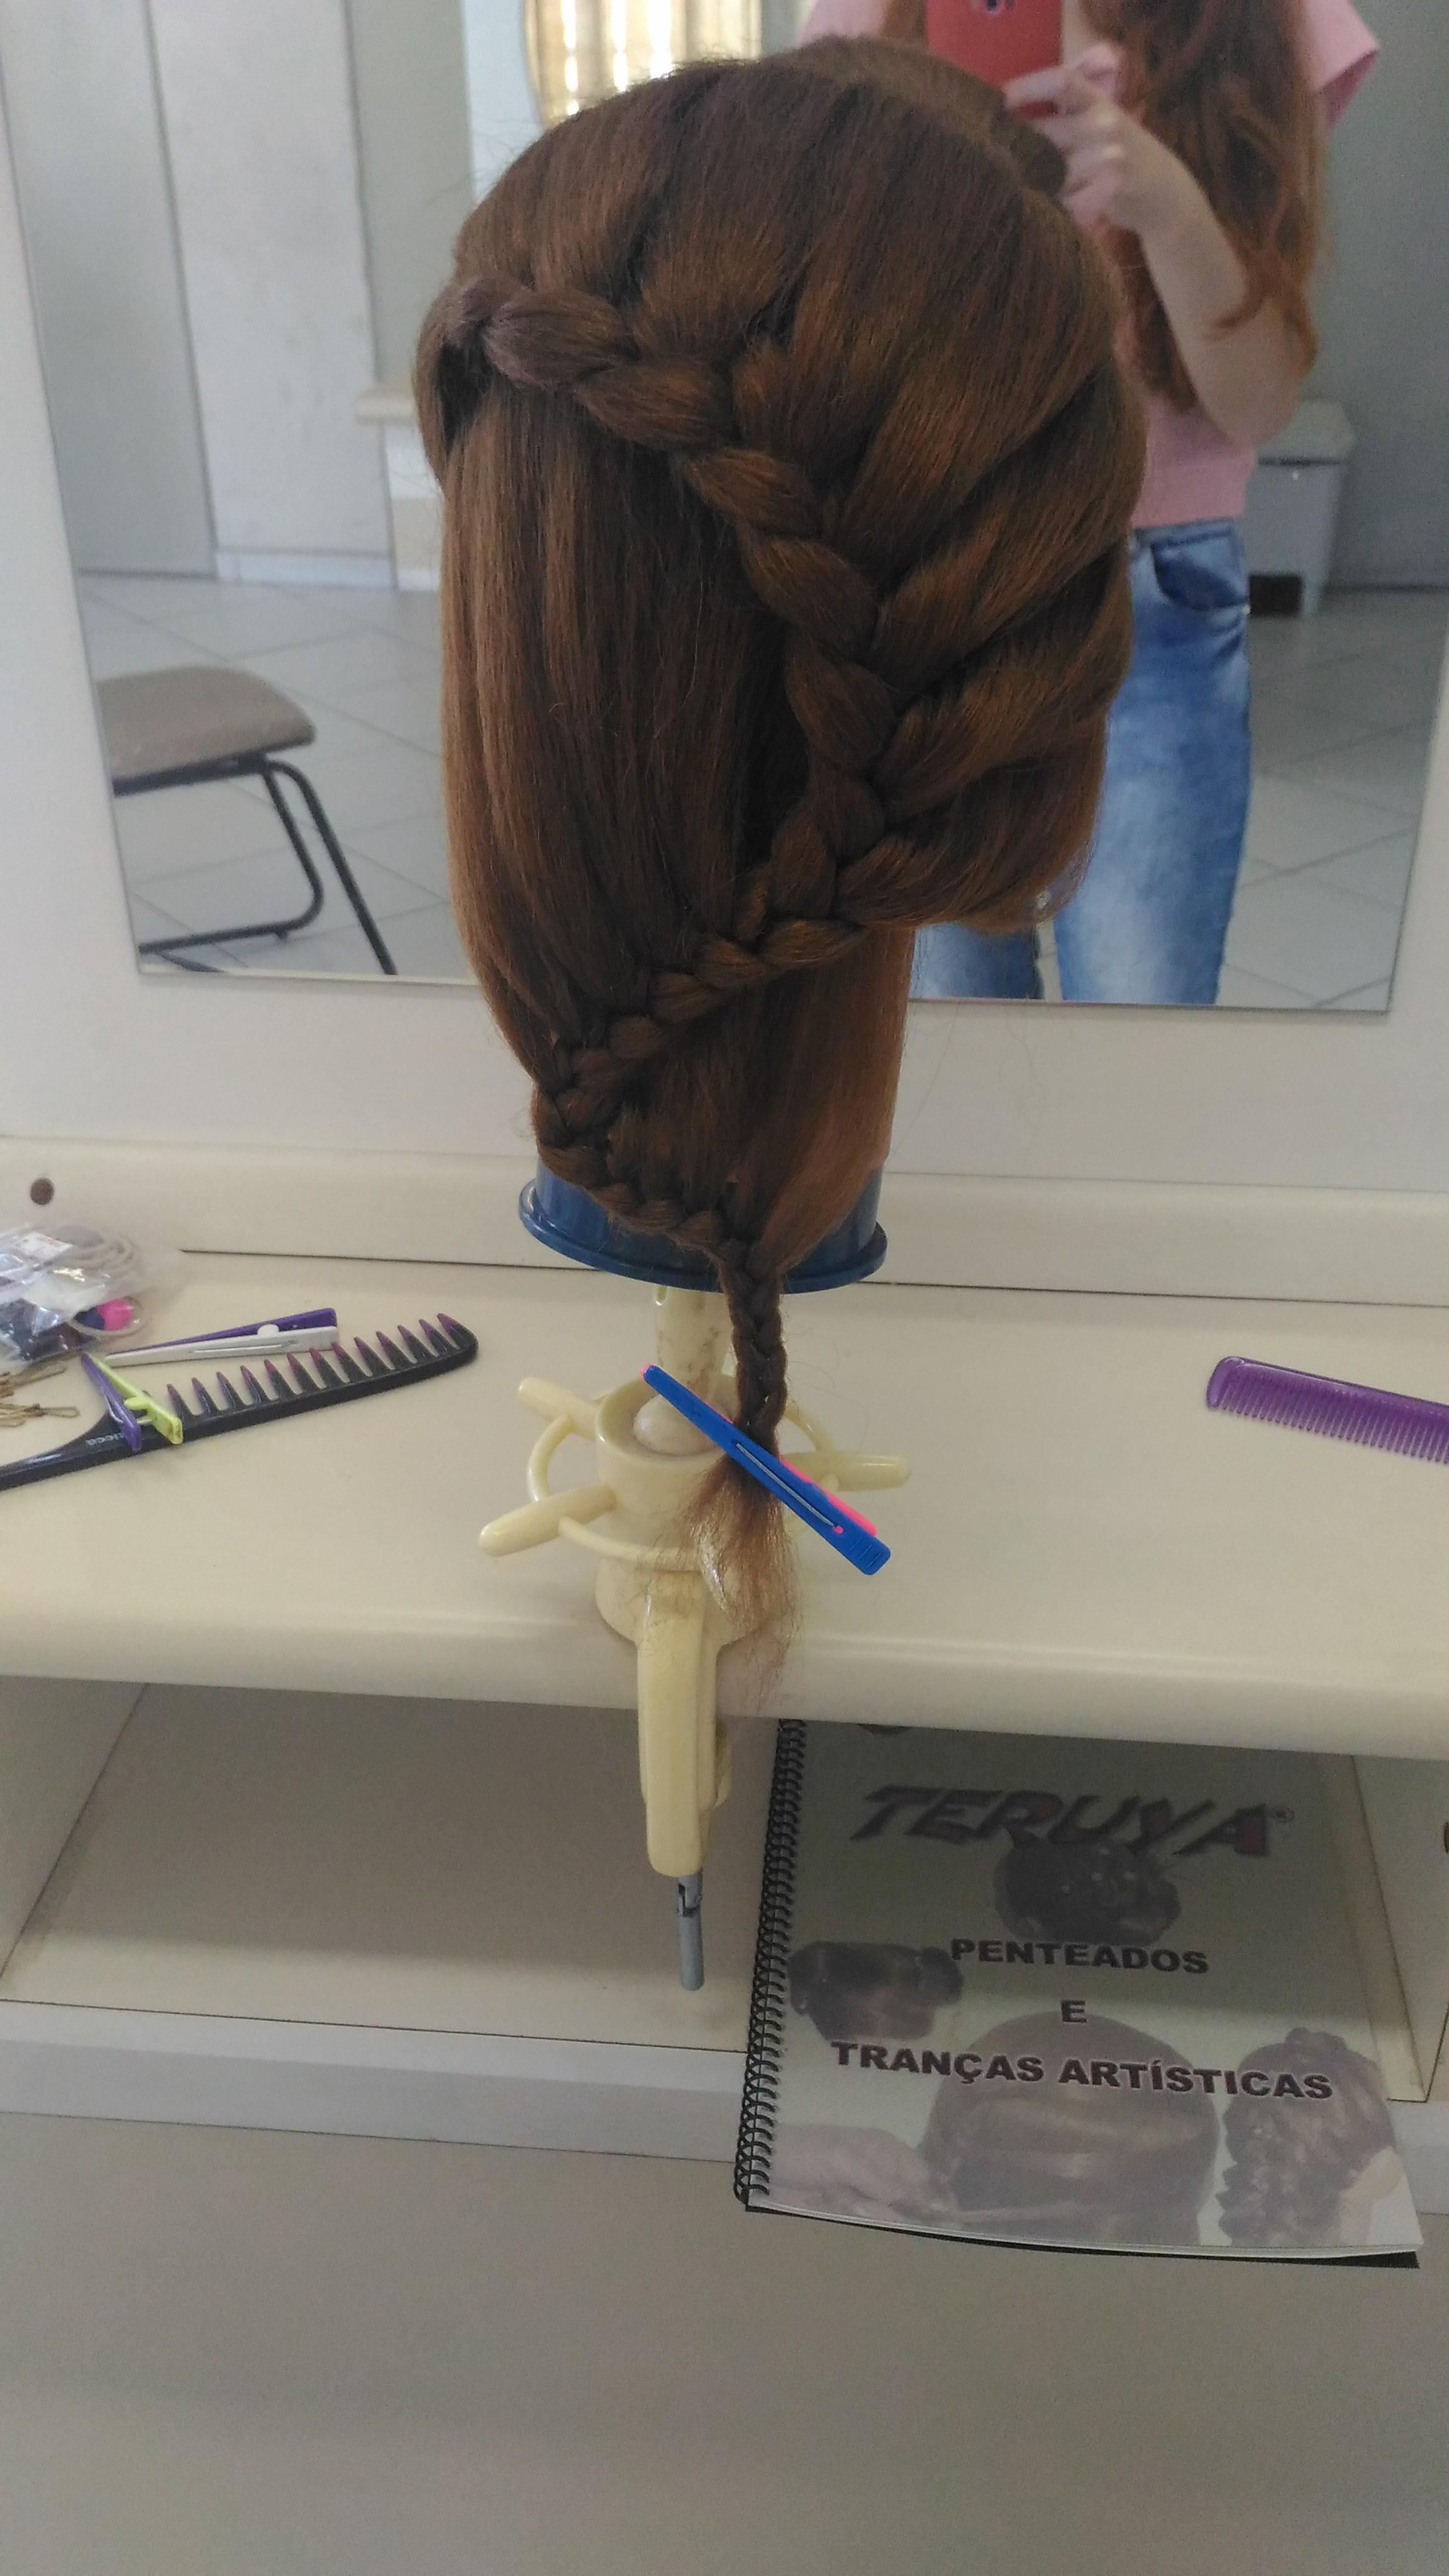 #penteado #trança #romantica cabelo estudante (esteticista) auxiliar cabeleireiro(a) estudante (designer sobrancelha) barbeiro(a) escovista cabeleireiro(a)